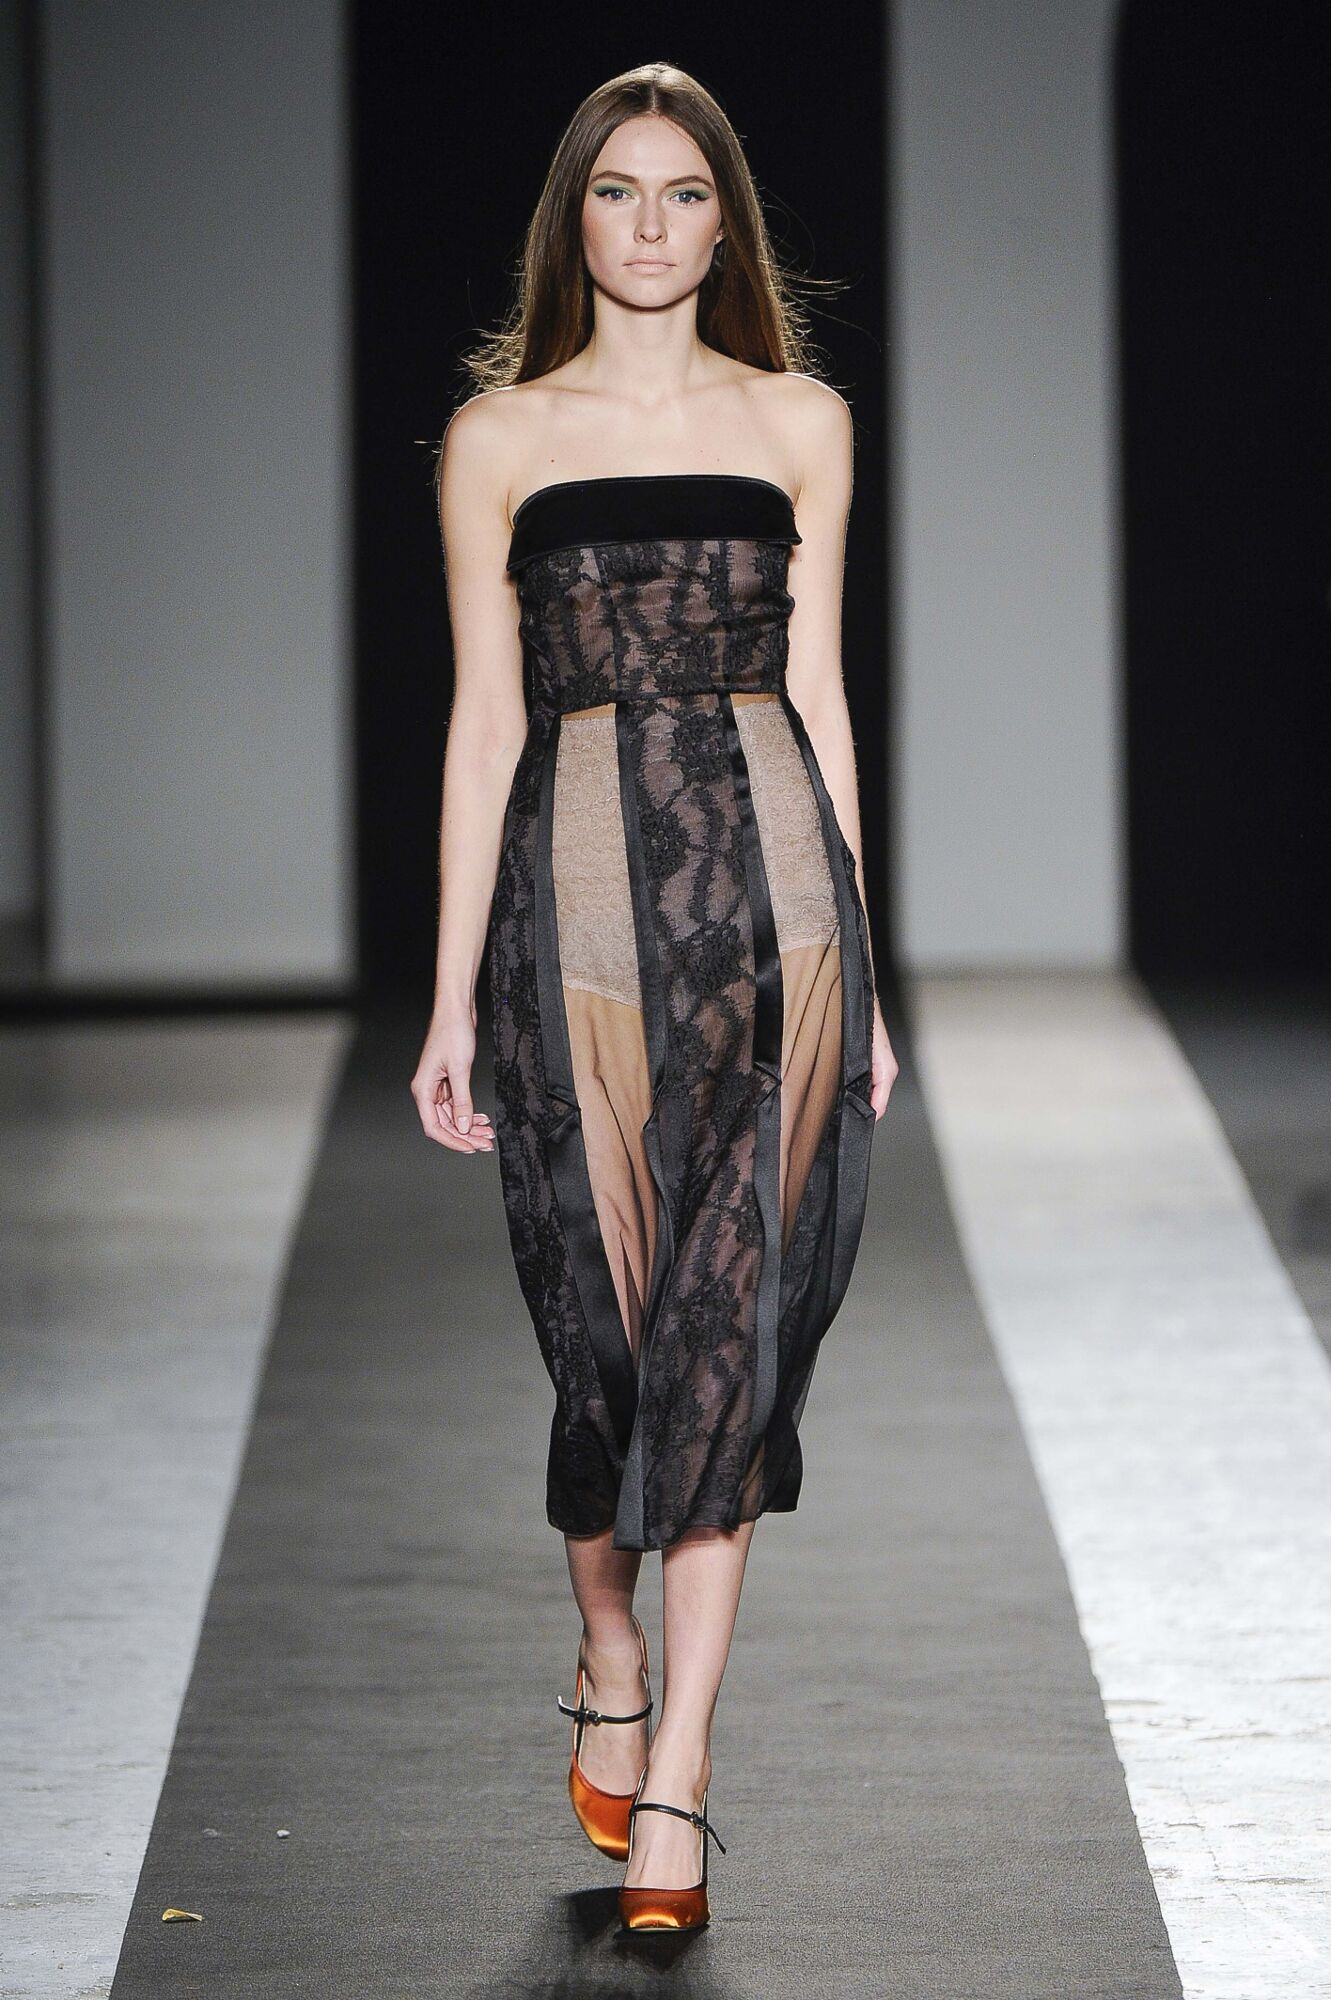 Andrea Incontri Fashion Show FW 2014 2015